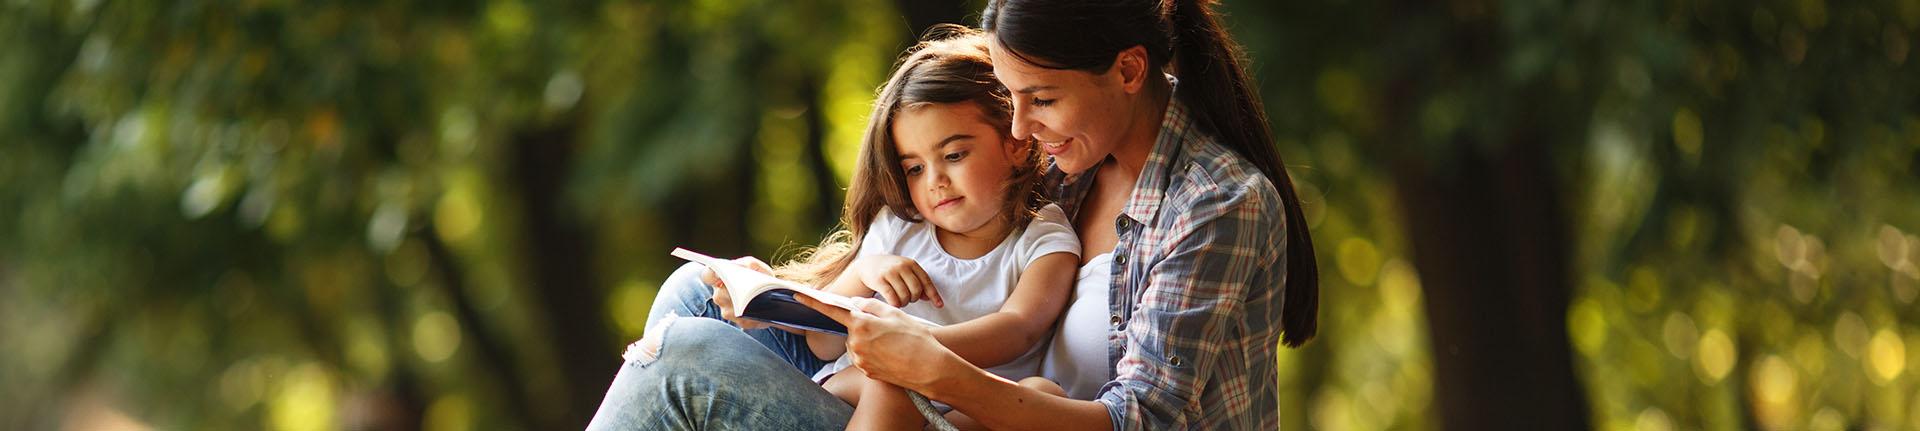 Crianças e leitura: como despertar o interesse pela leitura